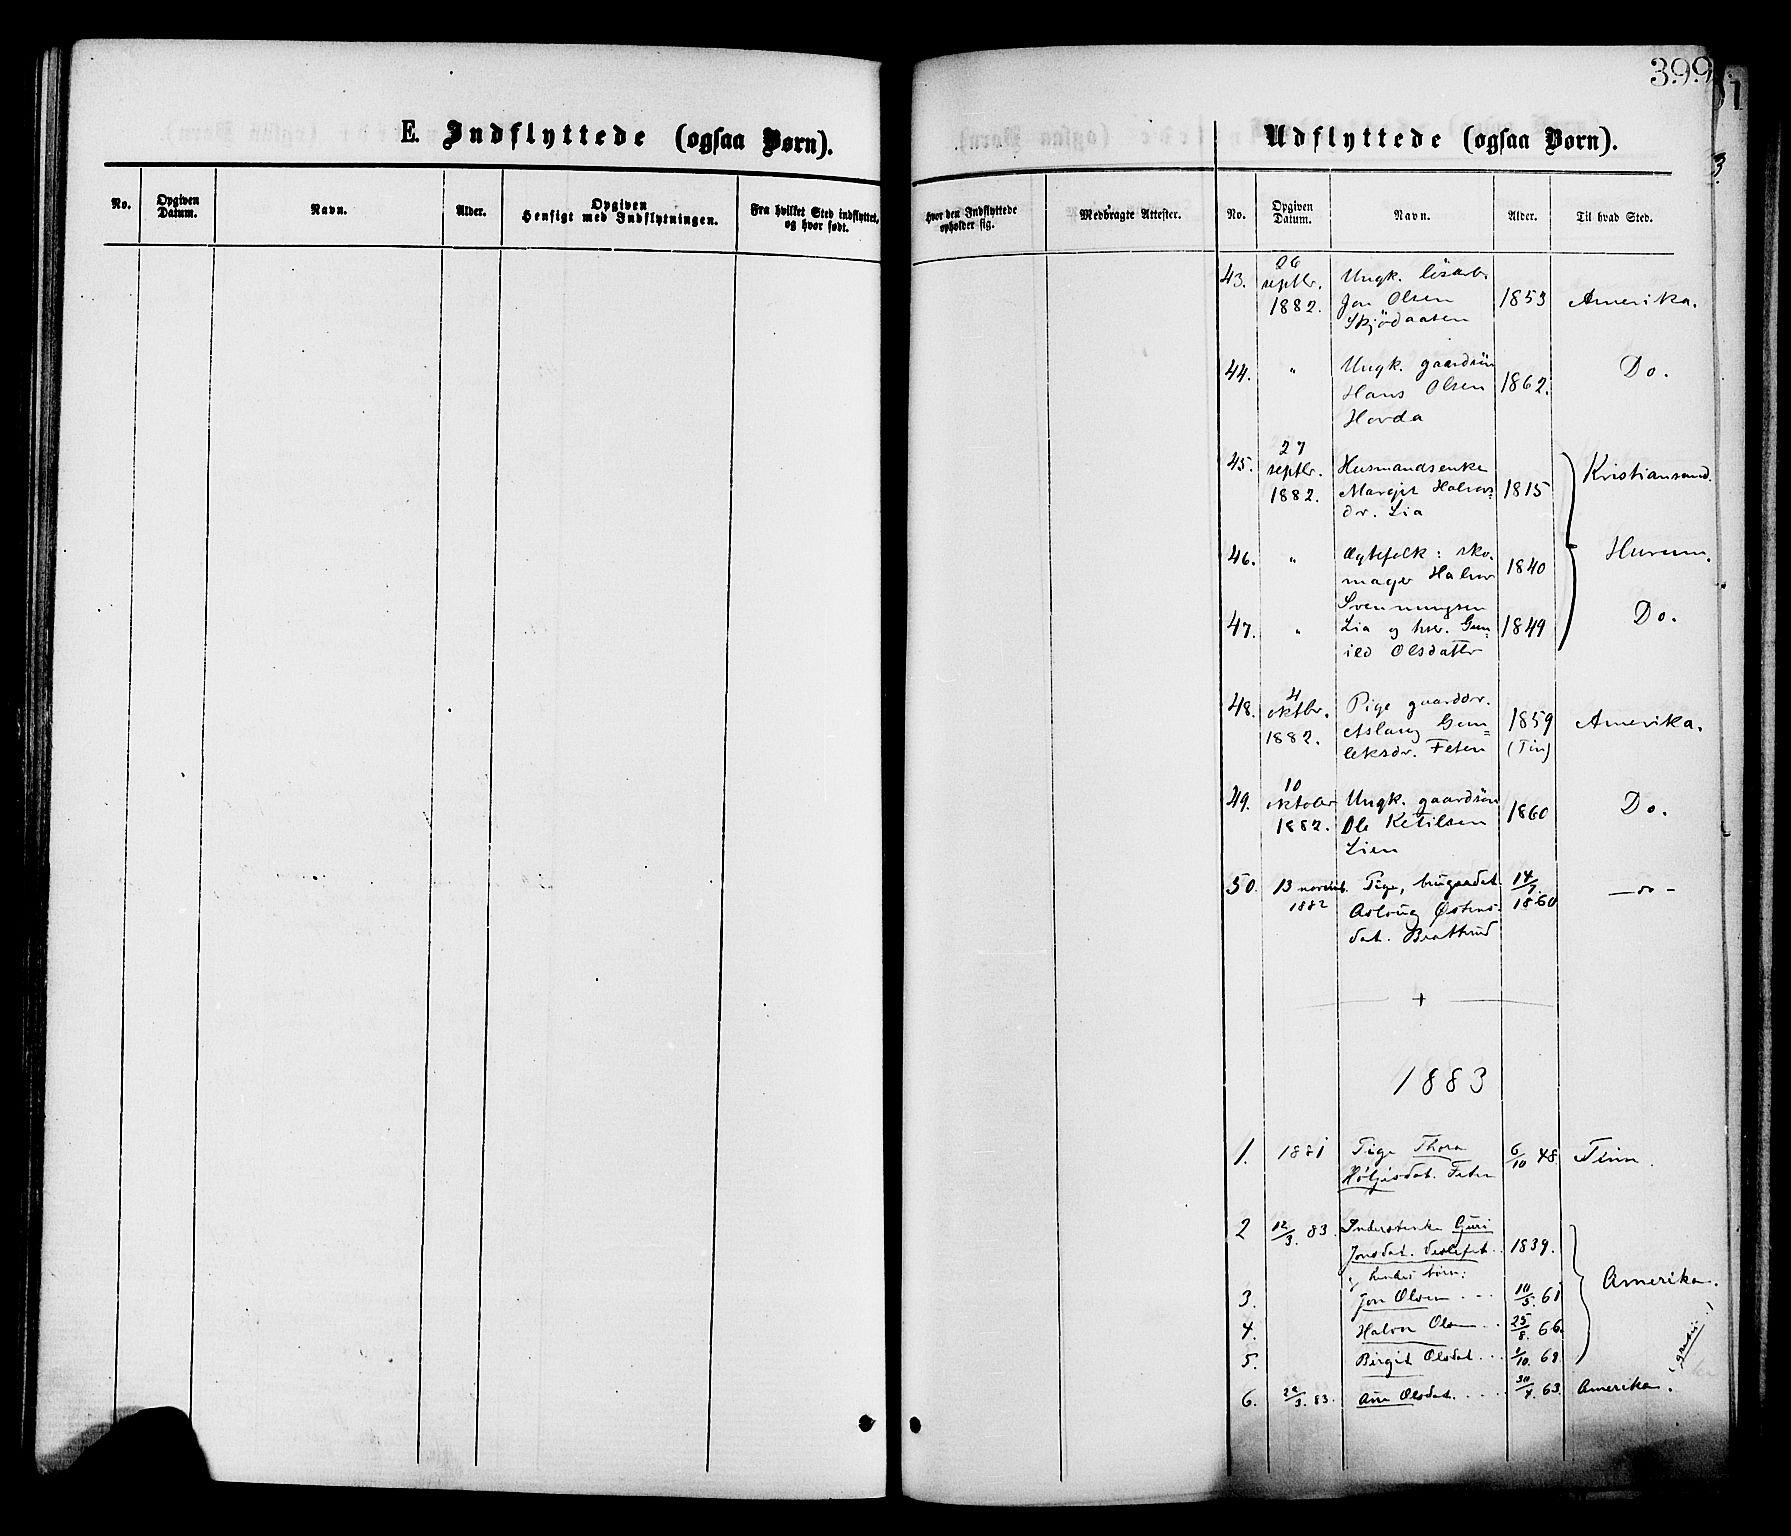 SAKO, Gransherad kirkebøker, F/Fa/L0004: Ministerialbok nr. I 4, 1871-1886, s. 399